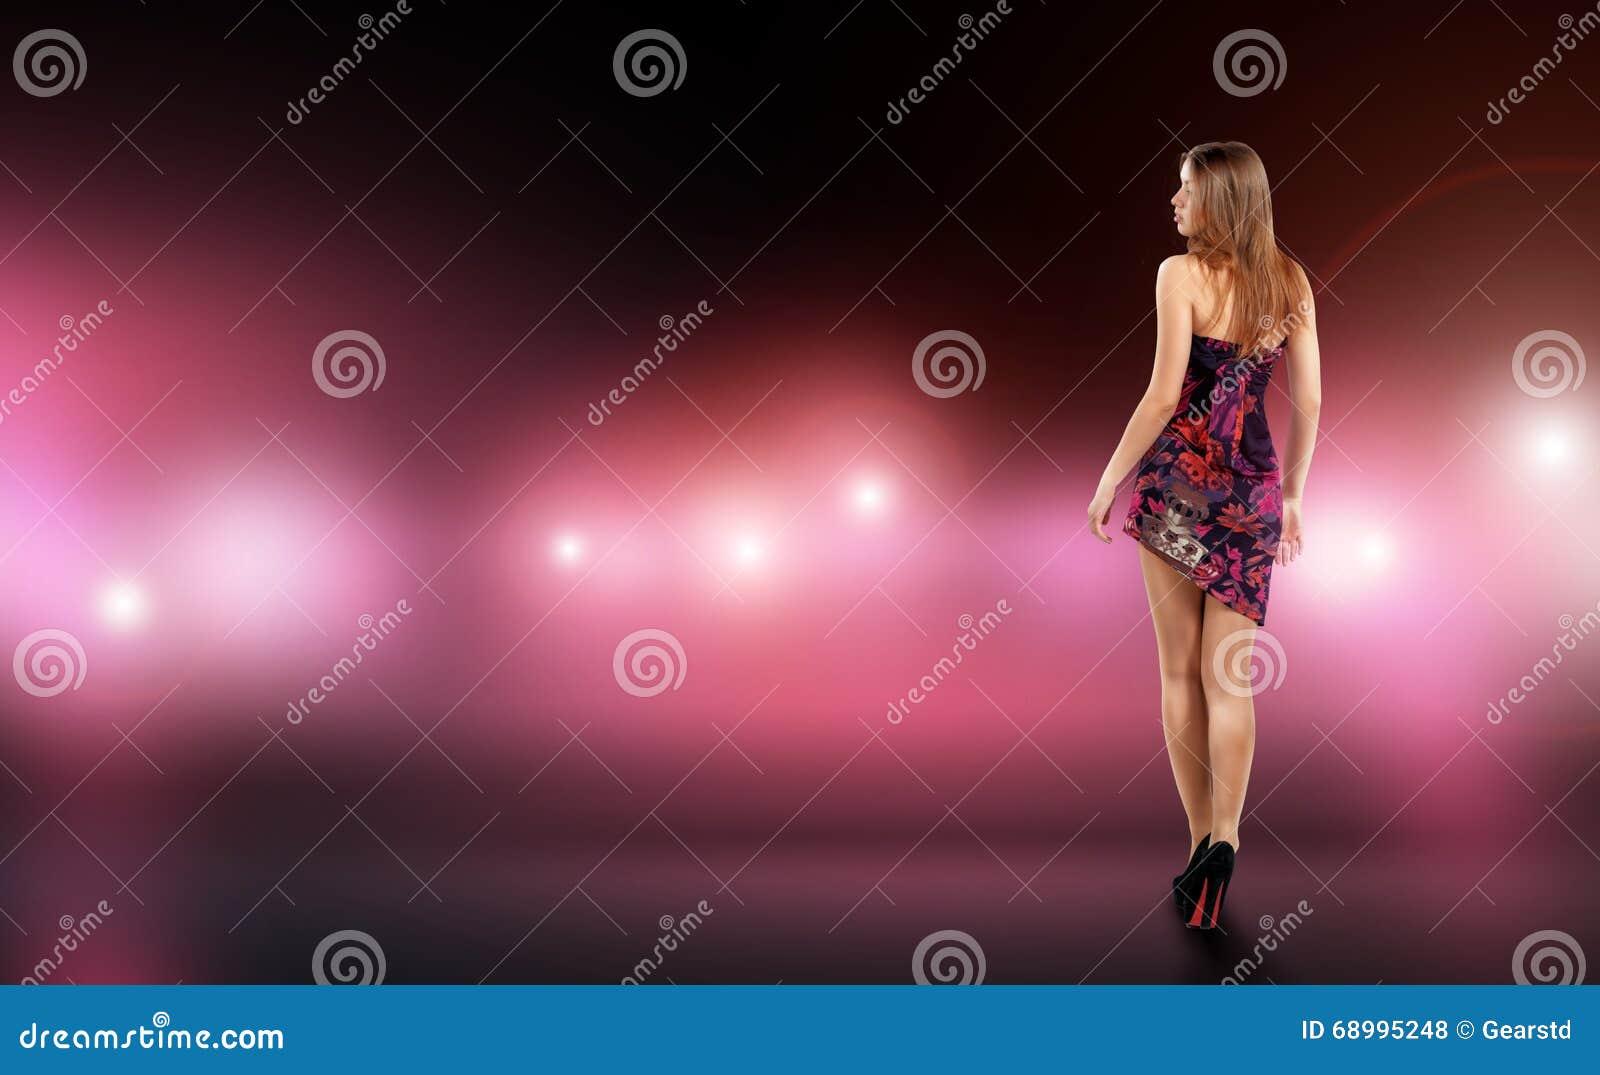 Προκλητική νέα γυναίκα στο φόρεμα συναρμολογήσεων που περιβάλλεται από την προσοχή και τη λάμψη καμερών Προσωπικότητα, πρότυπο, α